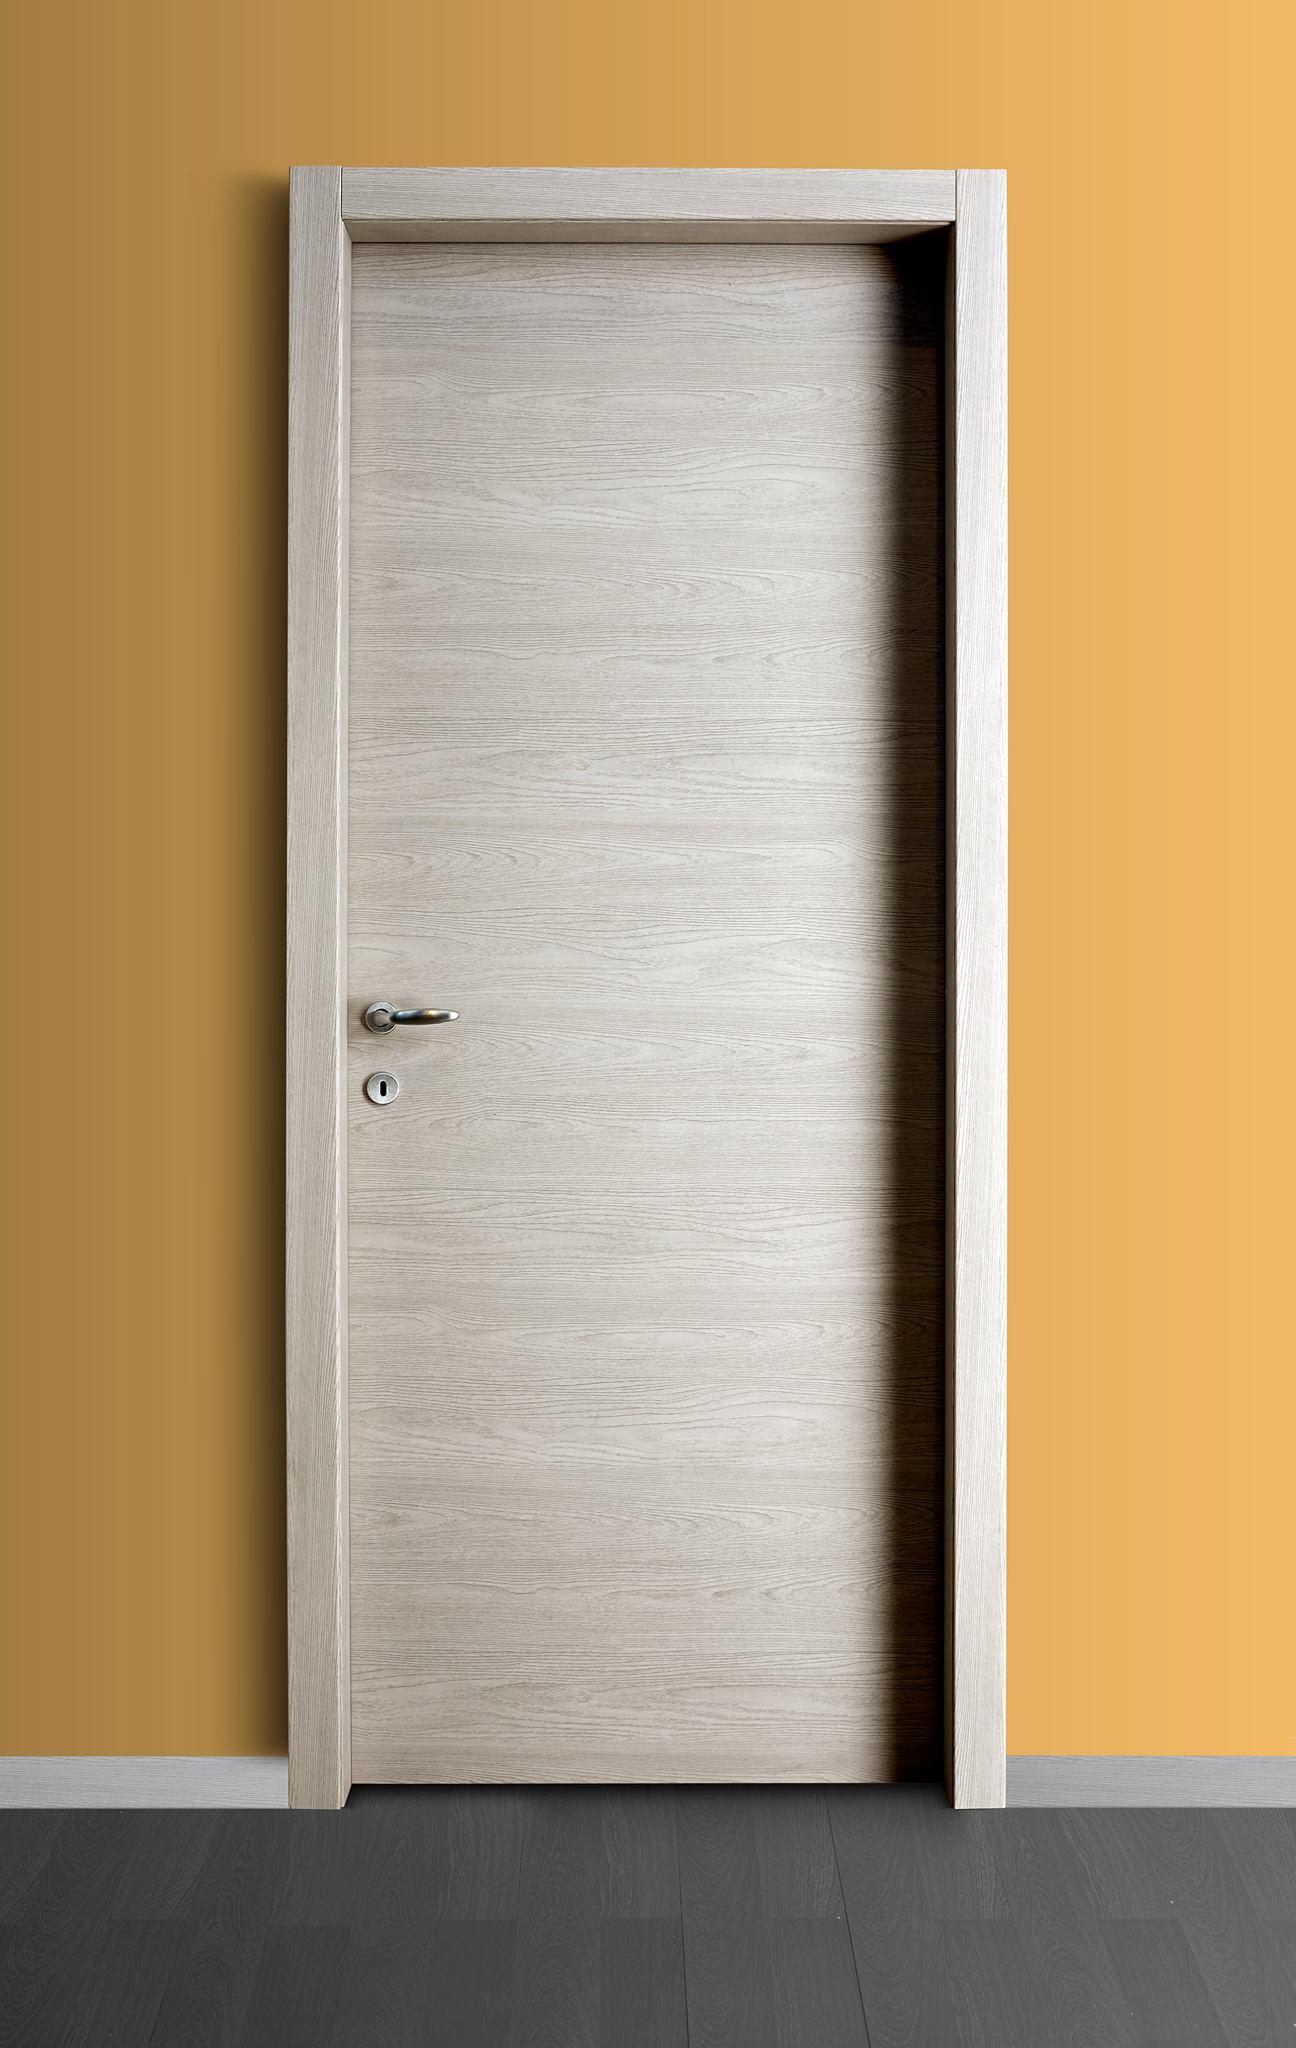 Spessore porte interne porte interne eseguibili sia in dimensioni standard sia su misura nelle - Misura porta standard ...